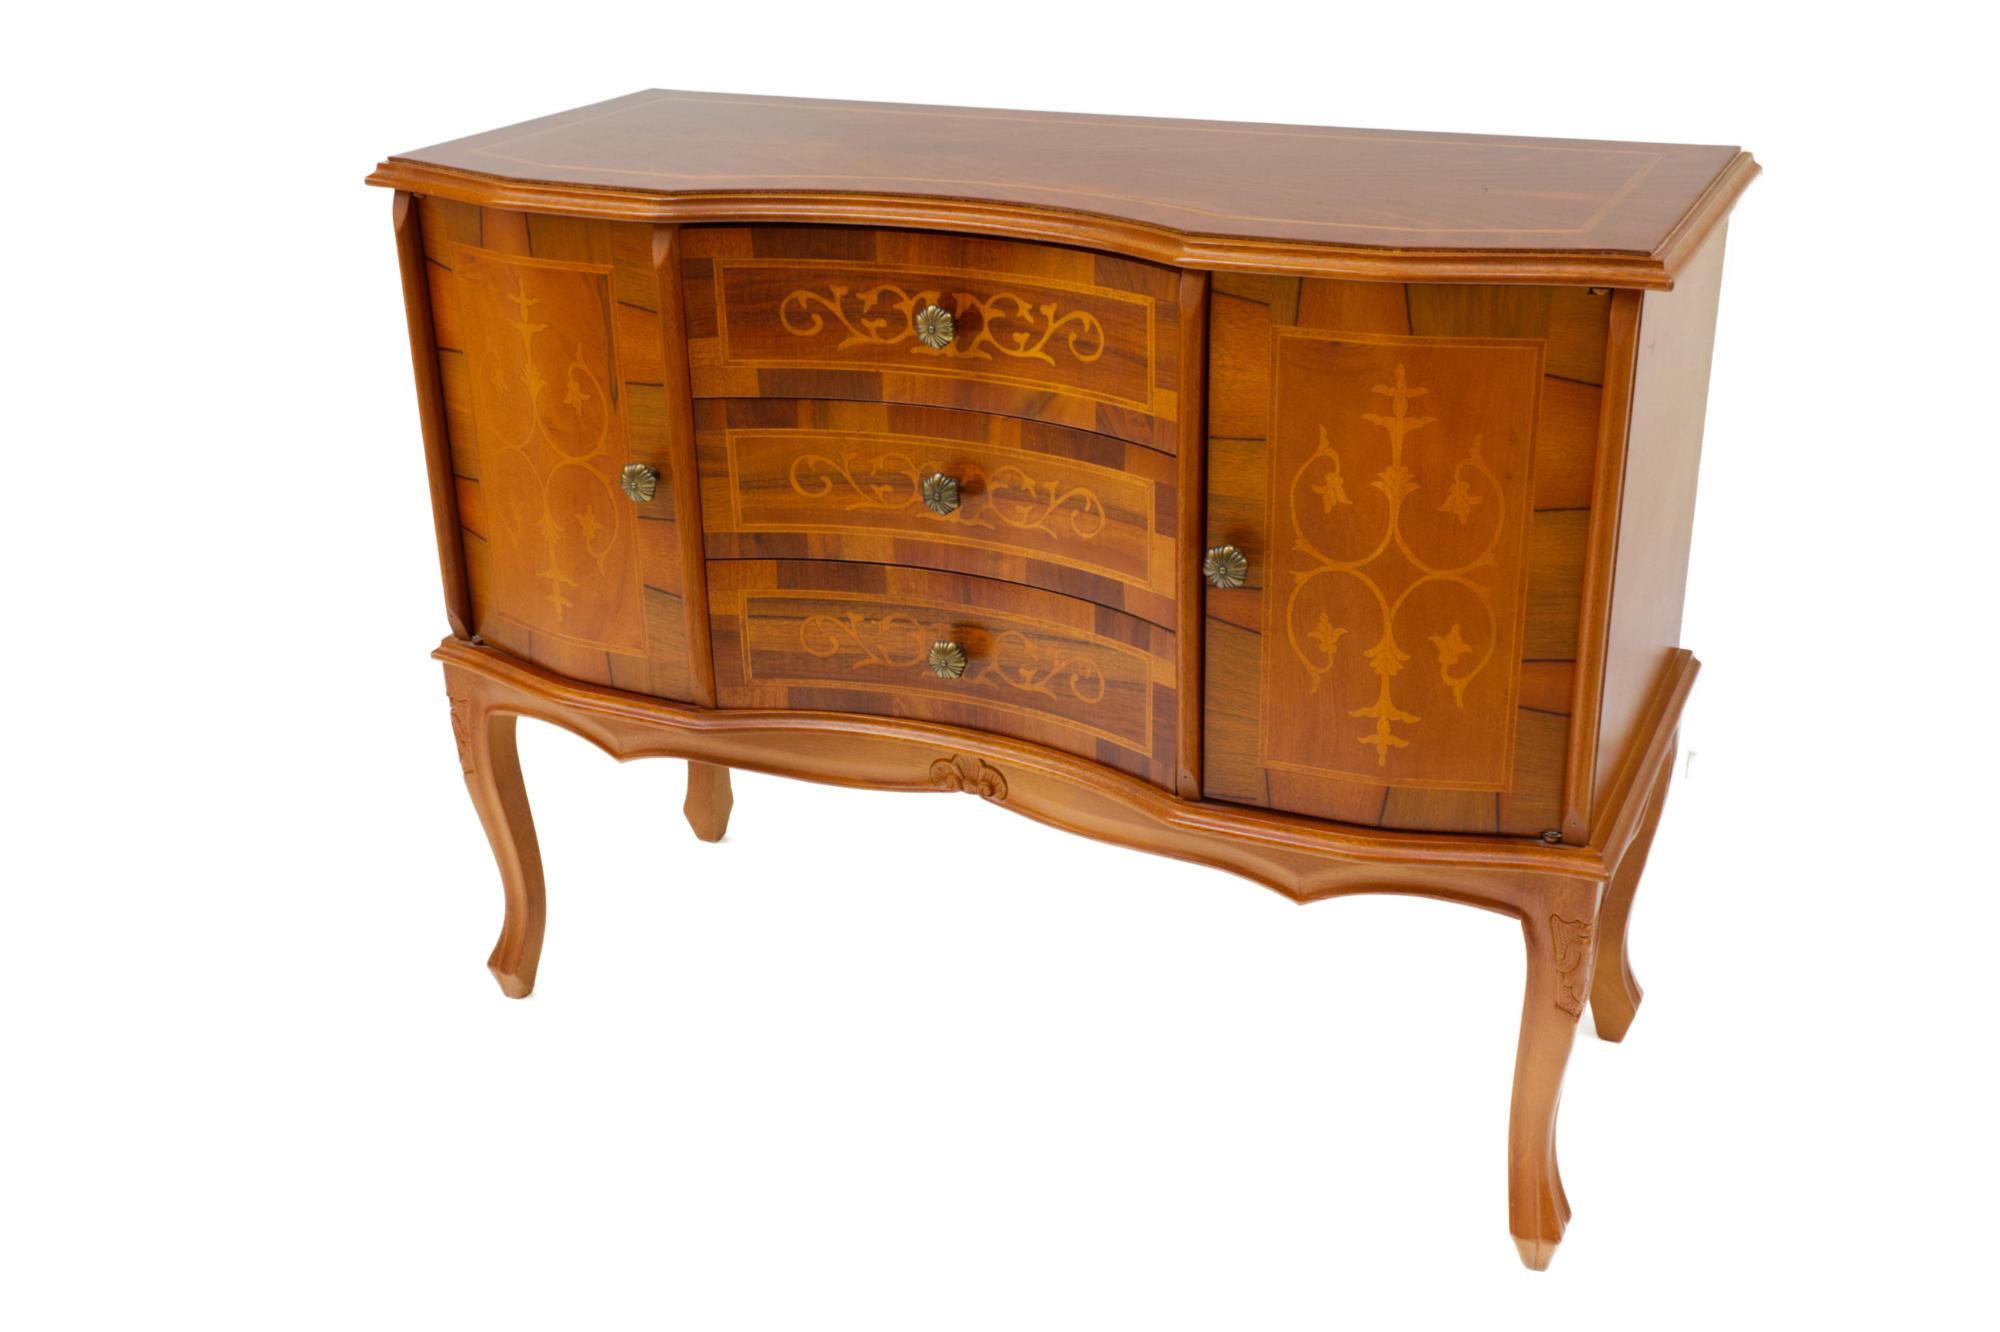 Kommode mit zwei Türen und drei Schubladen in Nußbaum Funier und Intarsien in Mahagoni und Ahorn von Vorne gesehen.